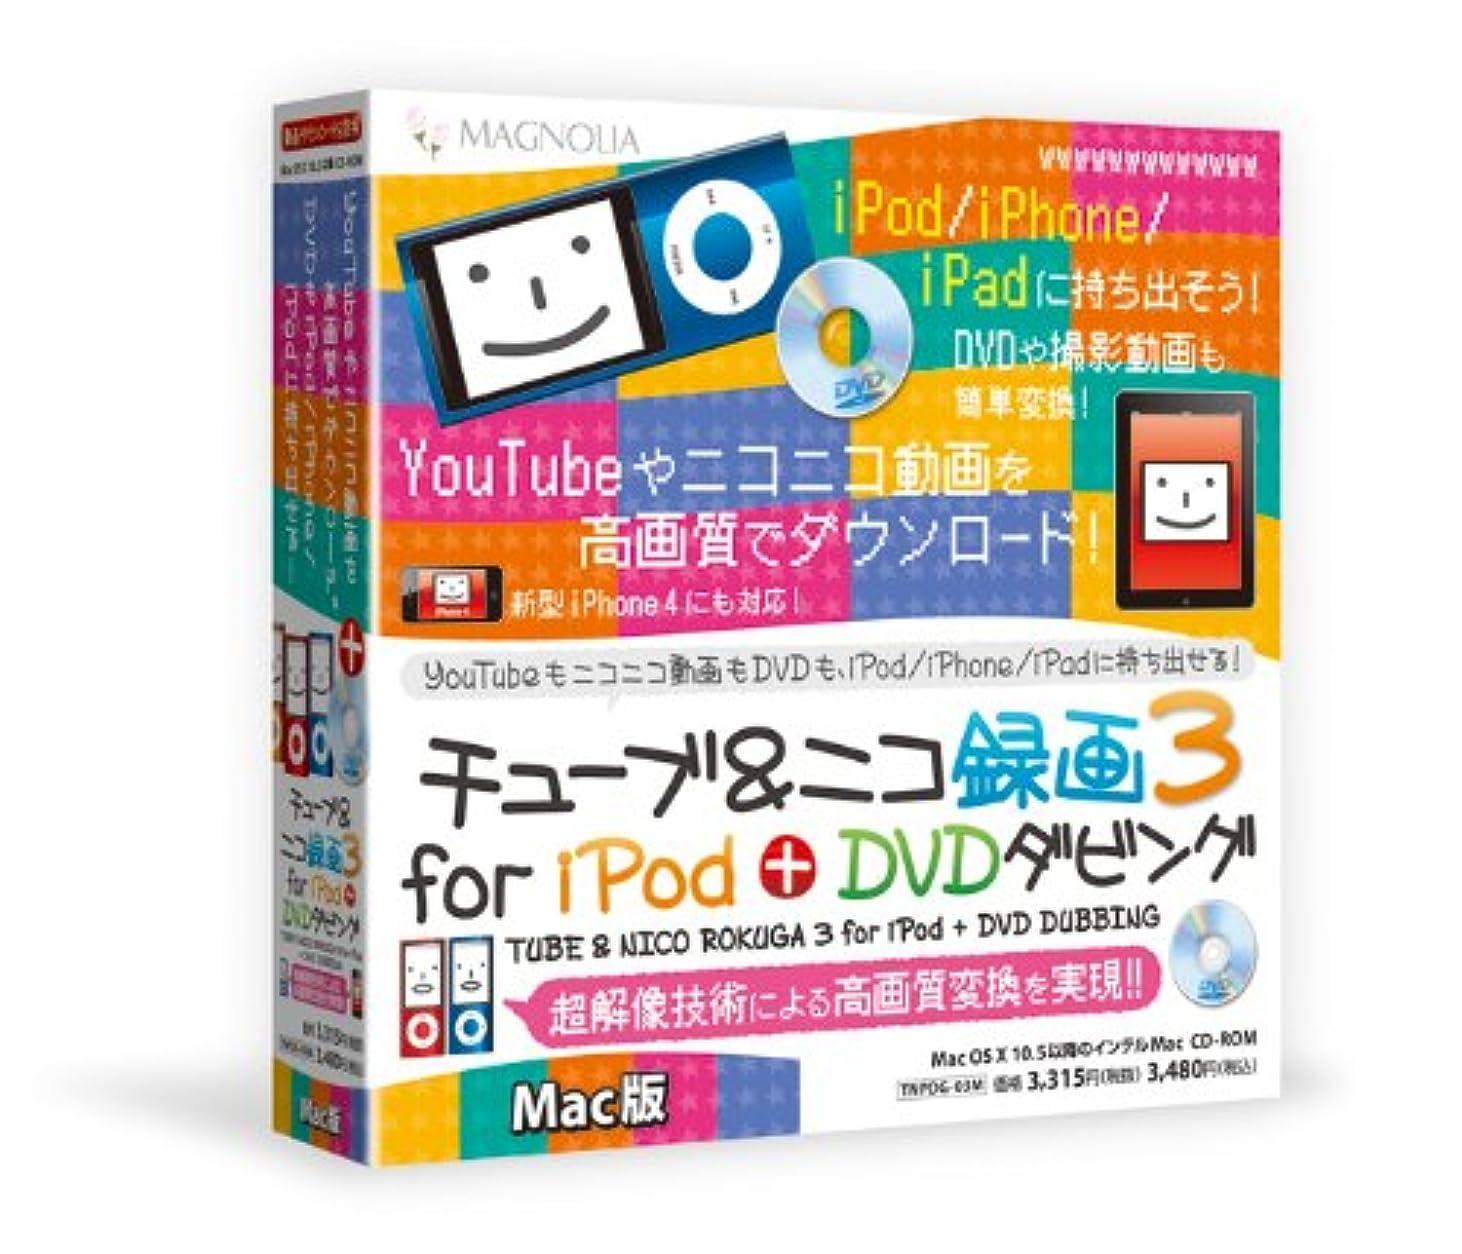 アンデス山脈学んだ広まったマグノリア チューブ&ニコ録画3for iPod +DVDダビングMac